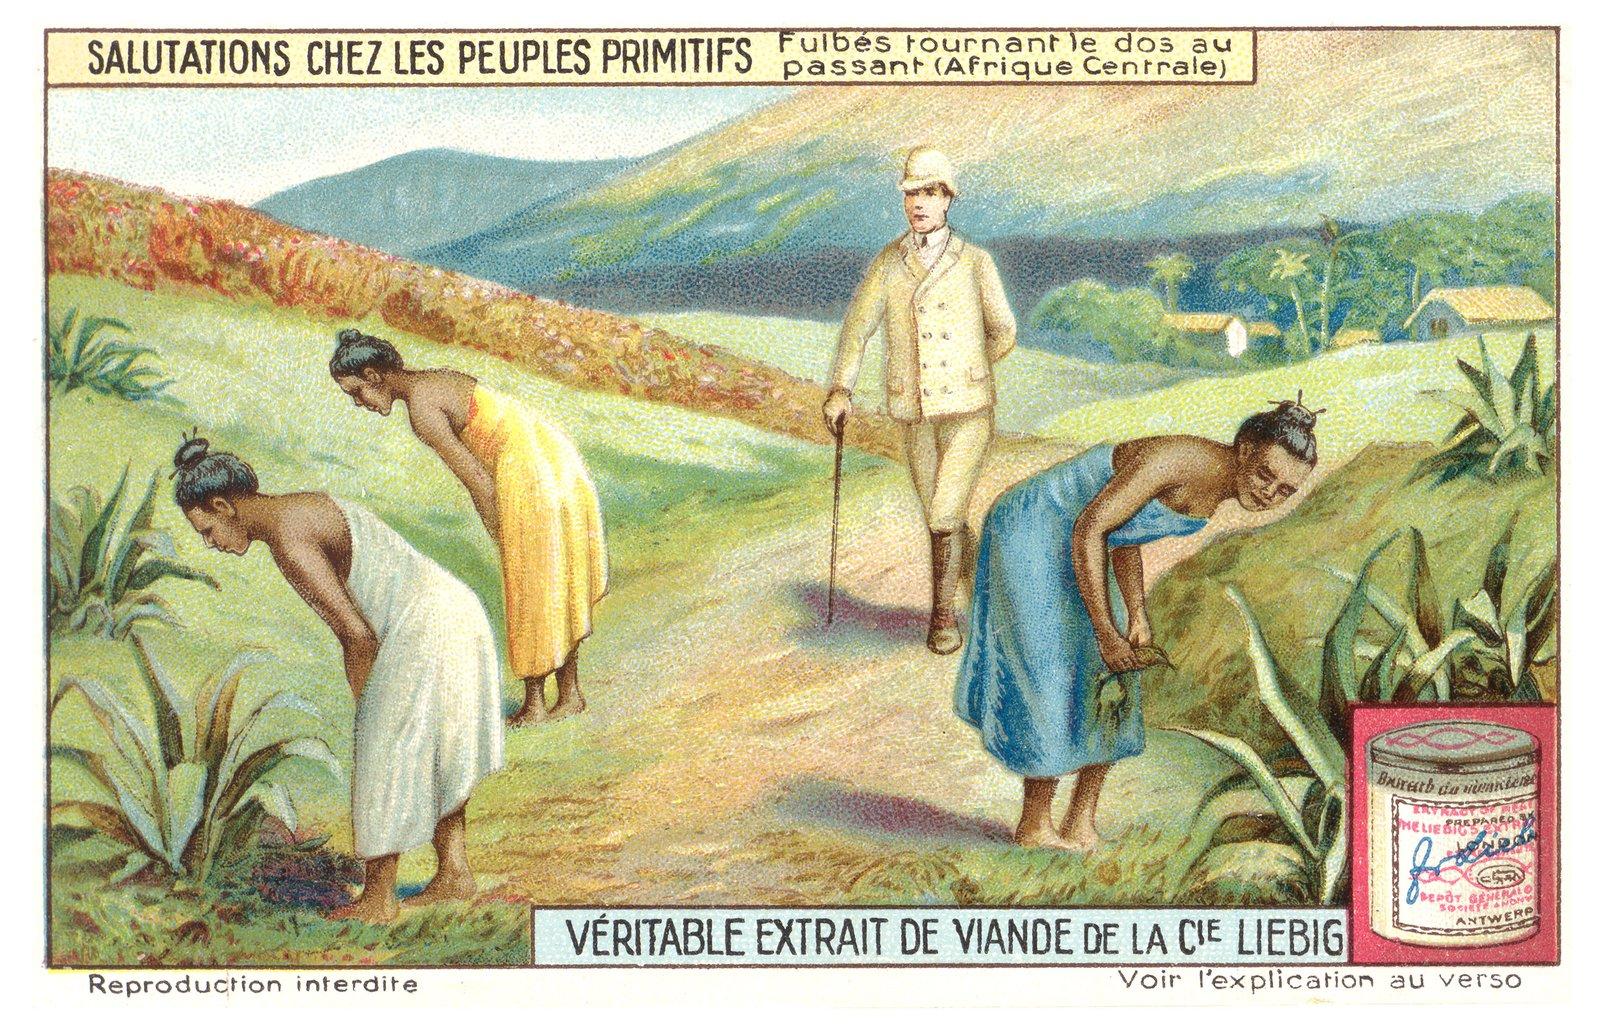 Reklama kostek rosołowych Źródło: Reklama kostek rosołowych, 1910, Liebig Chromos, domena publiczna.